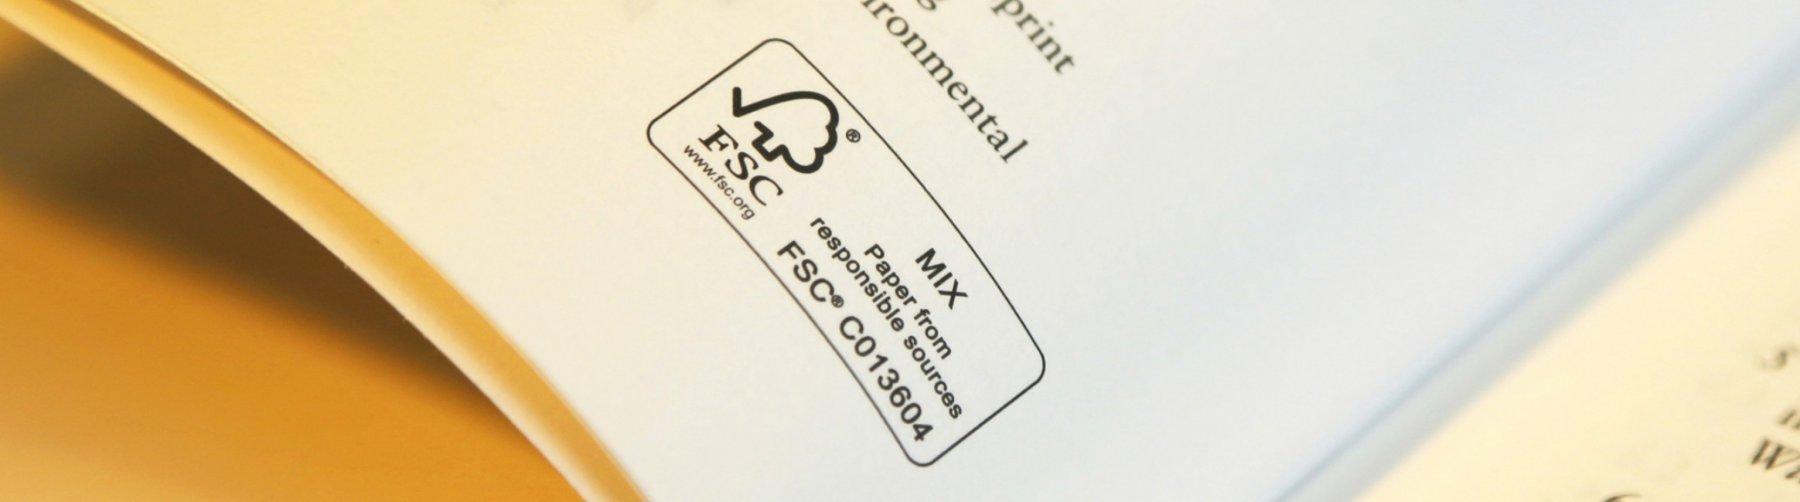 What Is Fsc Certification Fsc International